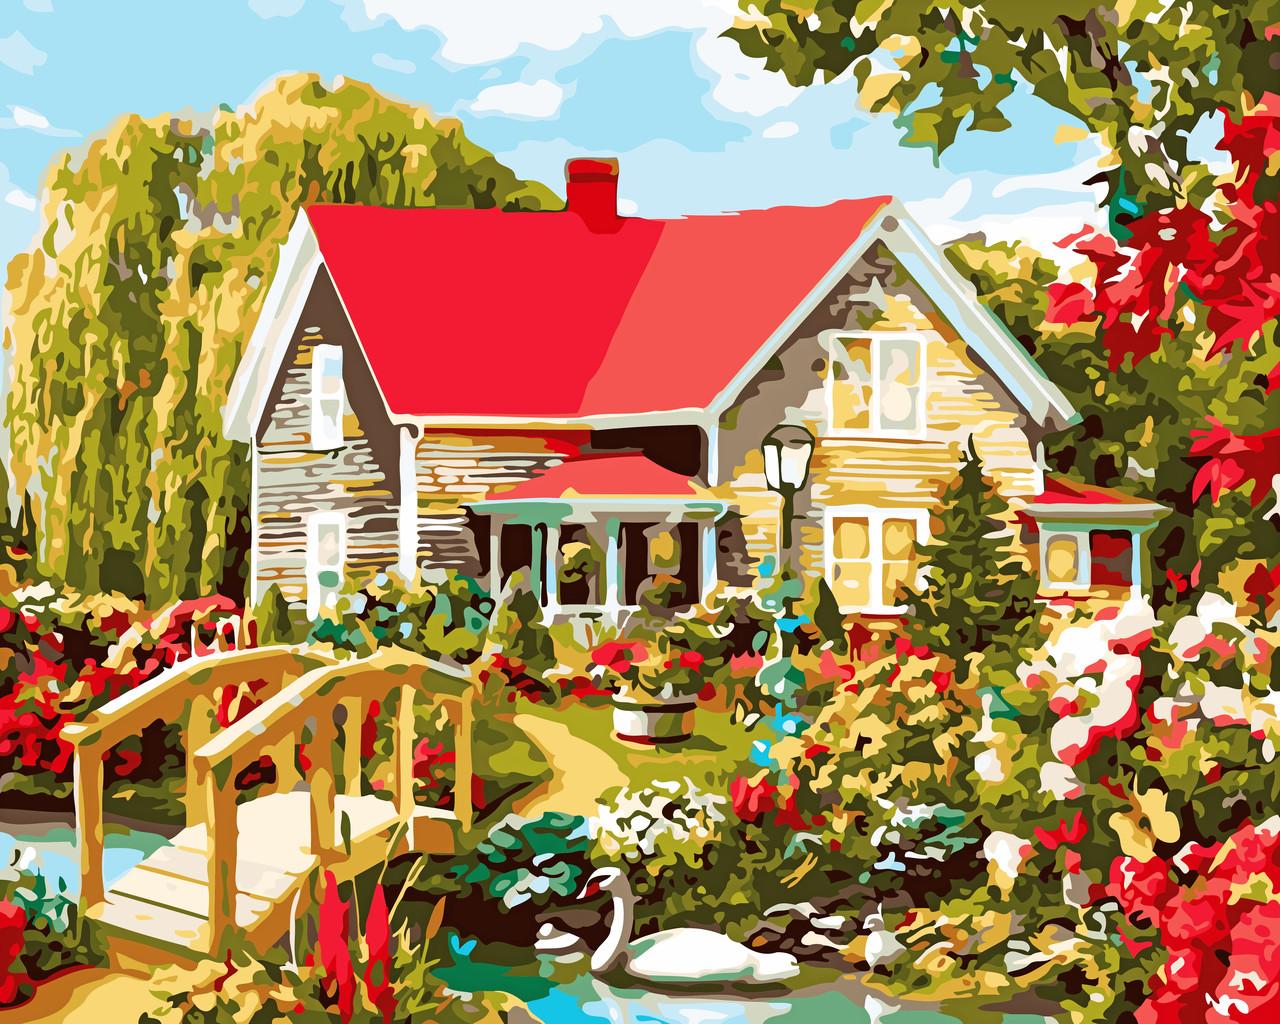 Художественный творческий набор, картина по номерам Дом мечты, 50x40 см, «Art Story» (AS0541)